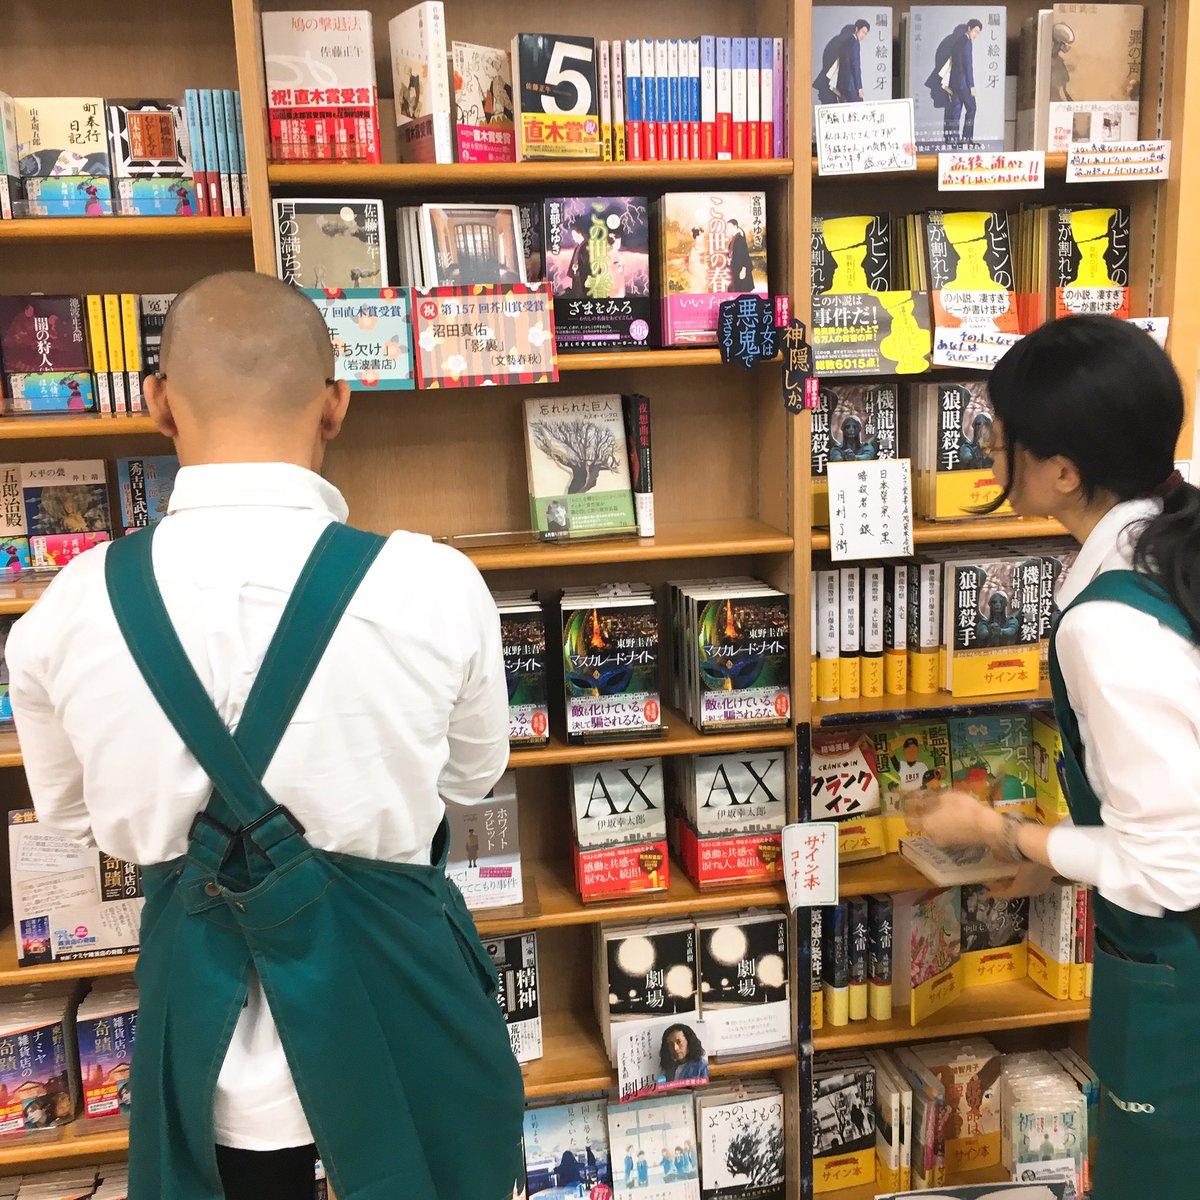 ノーベル文学賞が決まって慌ただしく動きだすジュンク堂書店 池袋本店の書店員たち。 https://t.co/Ud3jveSHAo